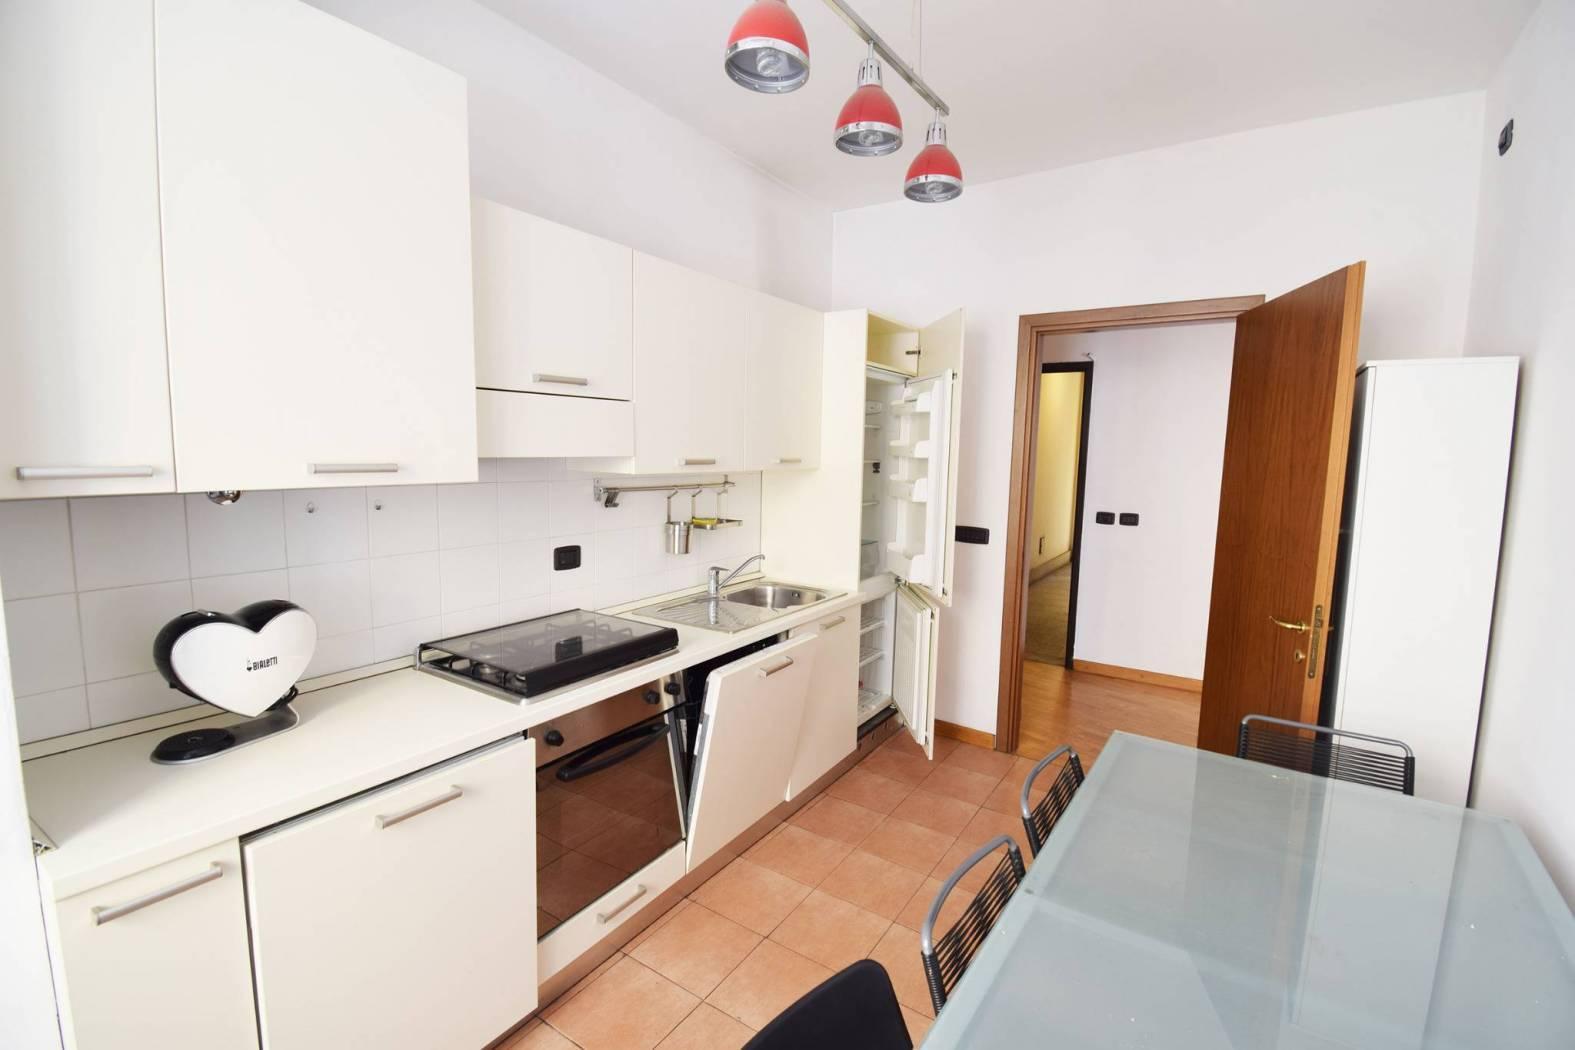 Appartamento in affitto a Milano, 2 locali, zona Località: DUOMO, prezzo € 1.500 | PortaleAgenzieImmobiliari.it